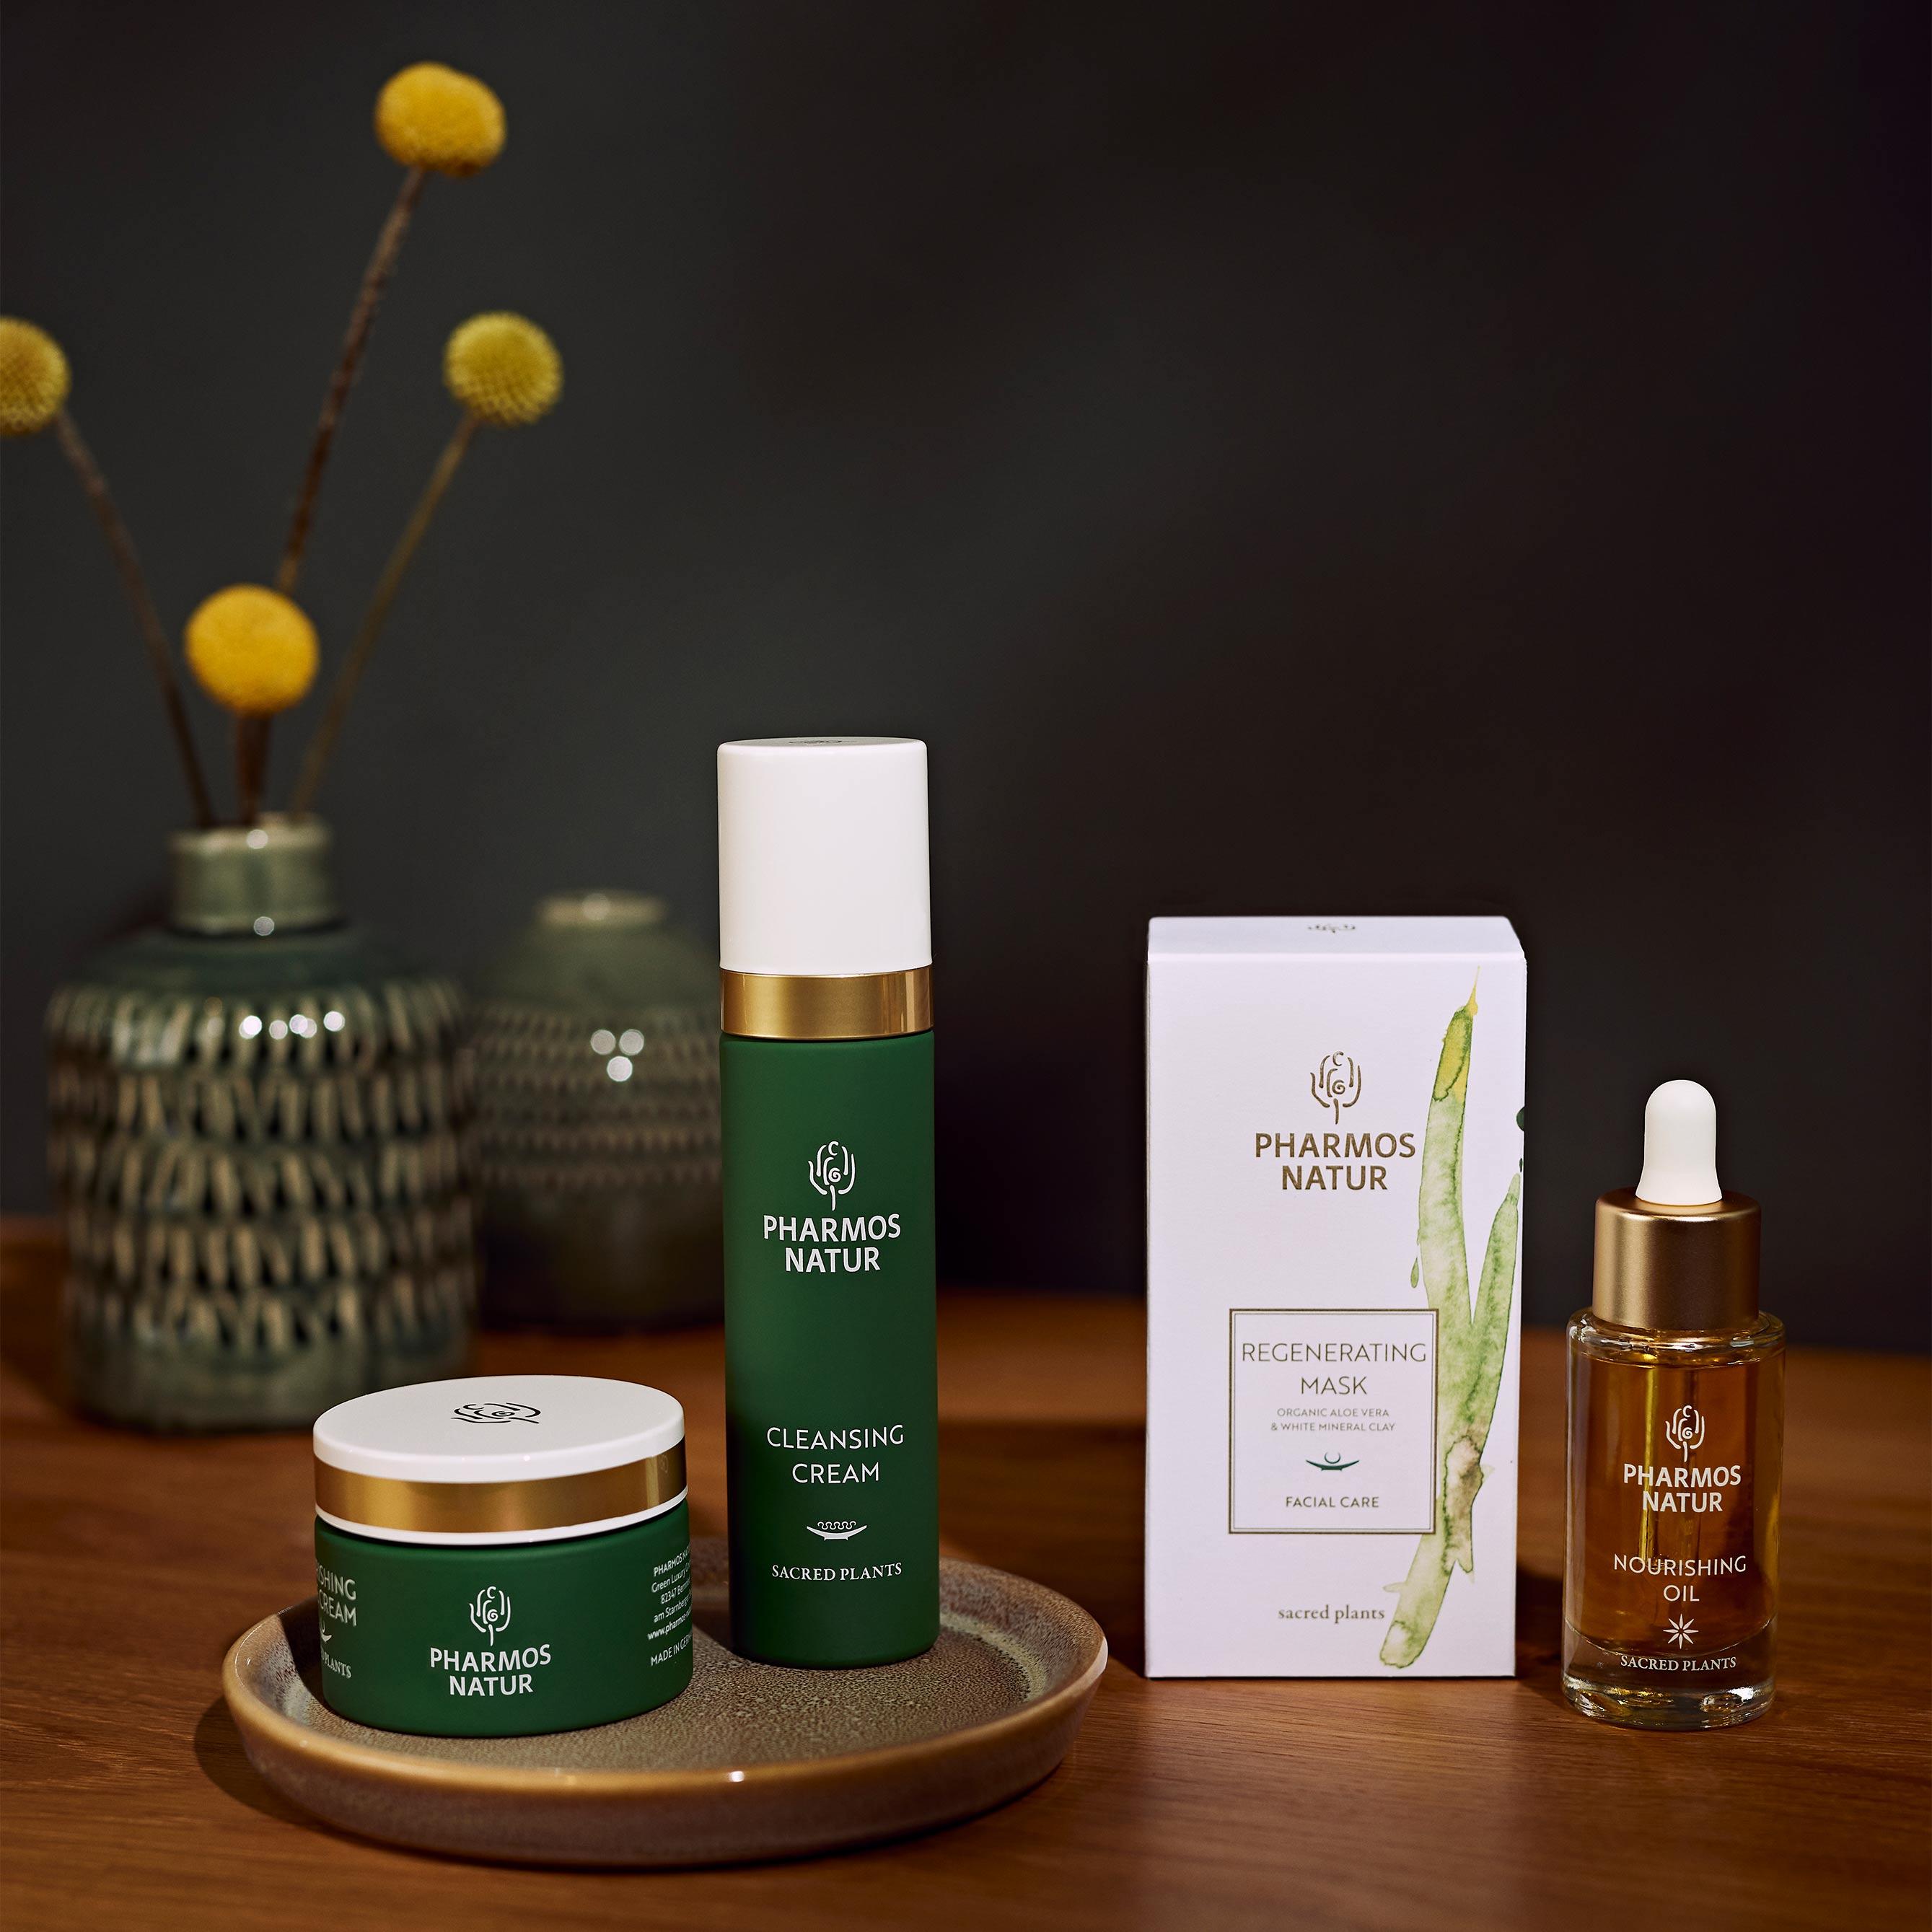 Drei Pharmos Natur Produkte für trockene Haut dunkles Bild